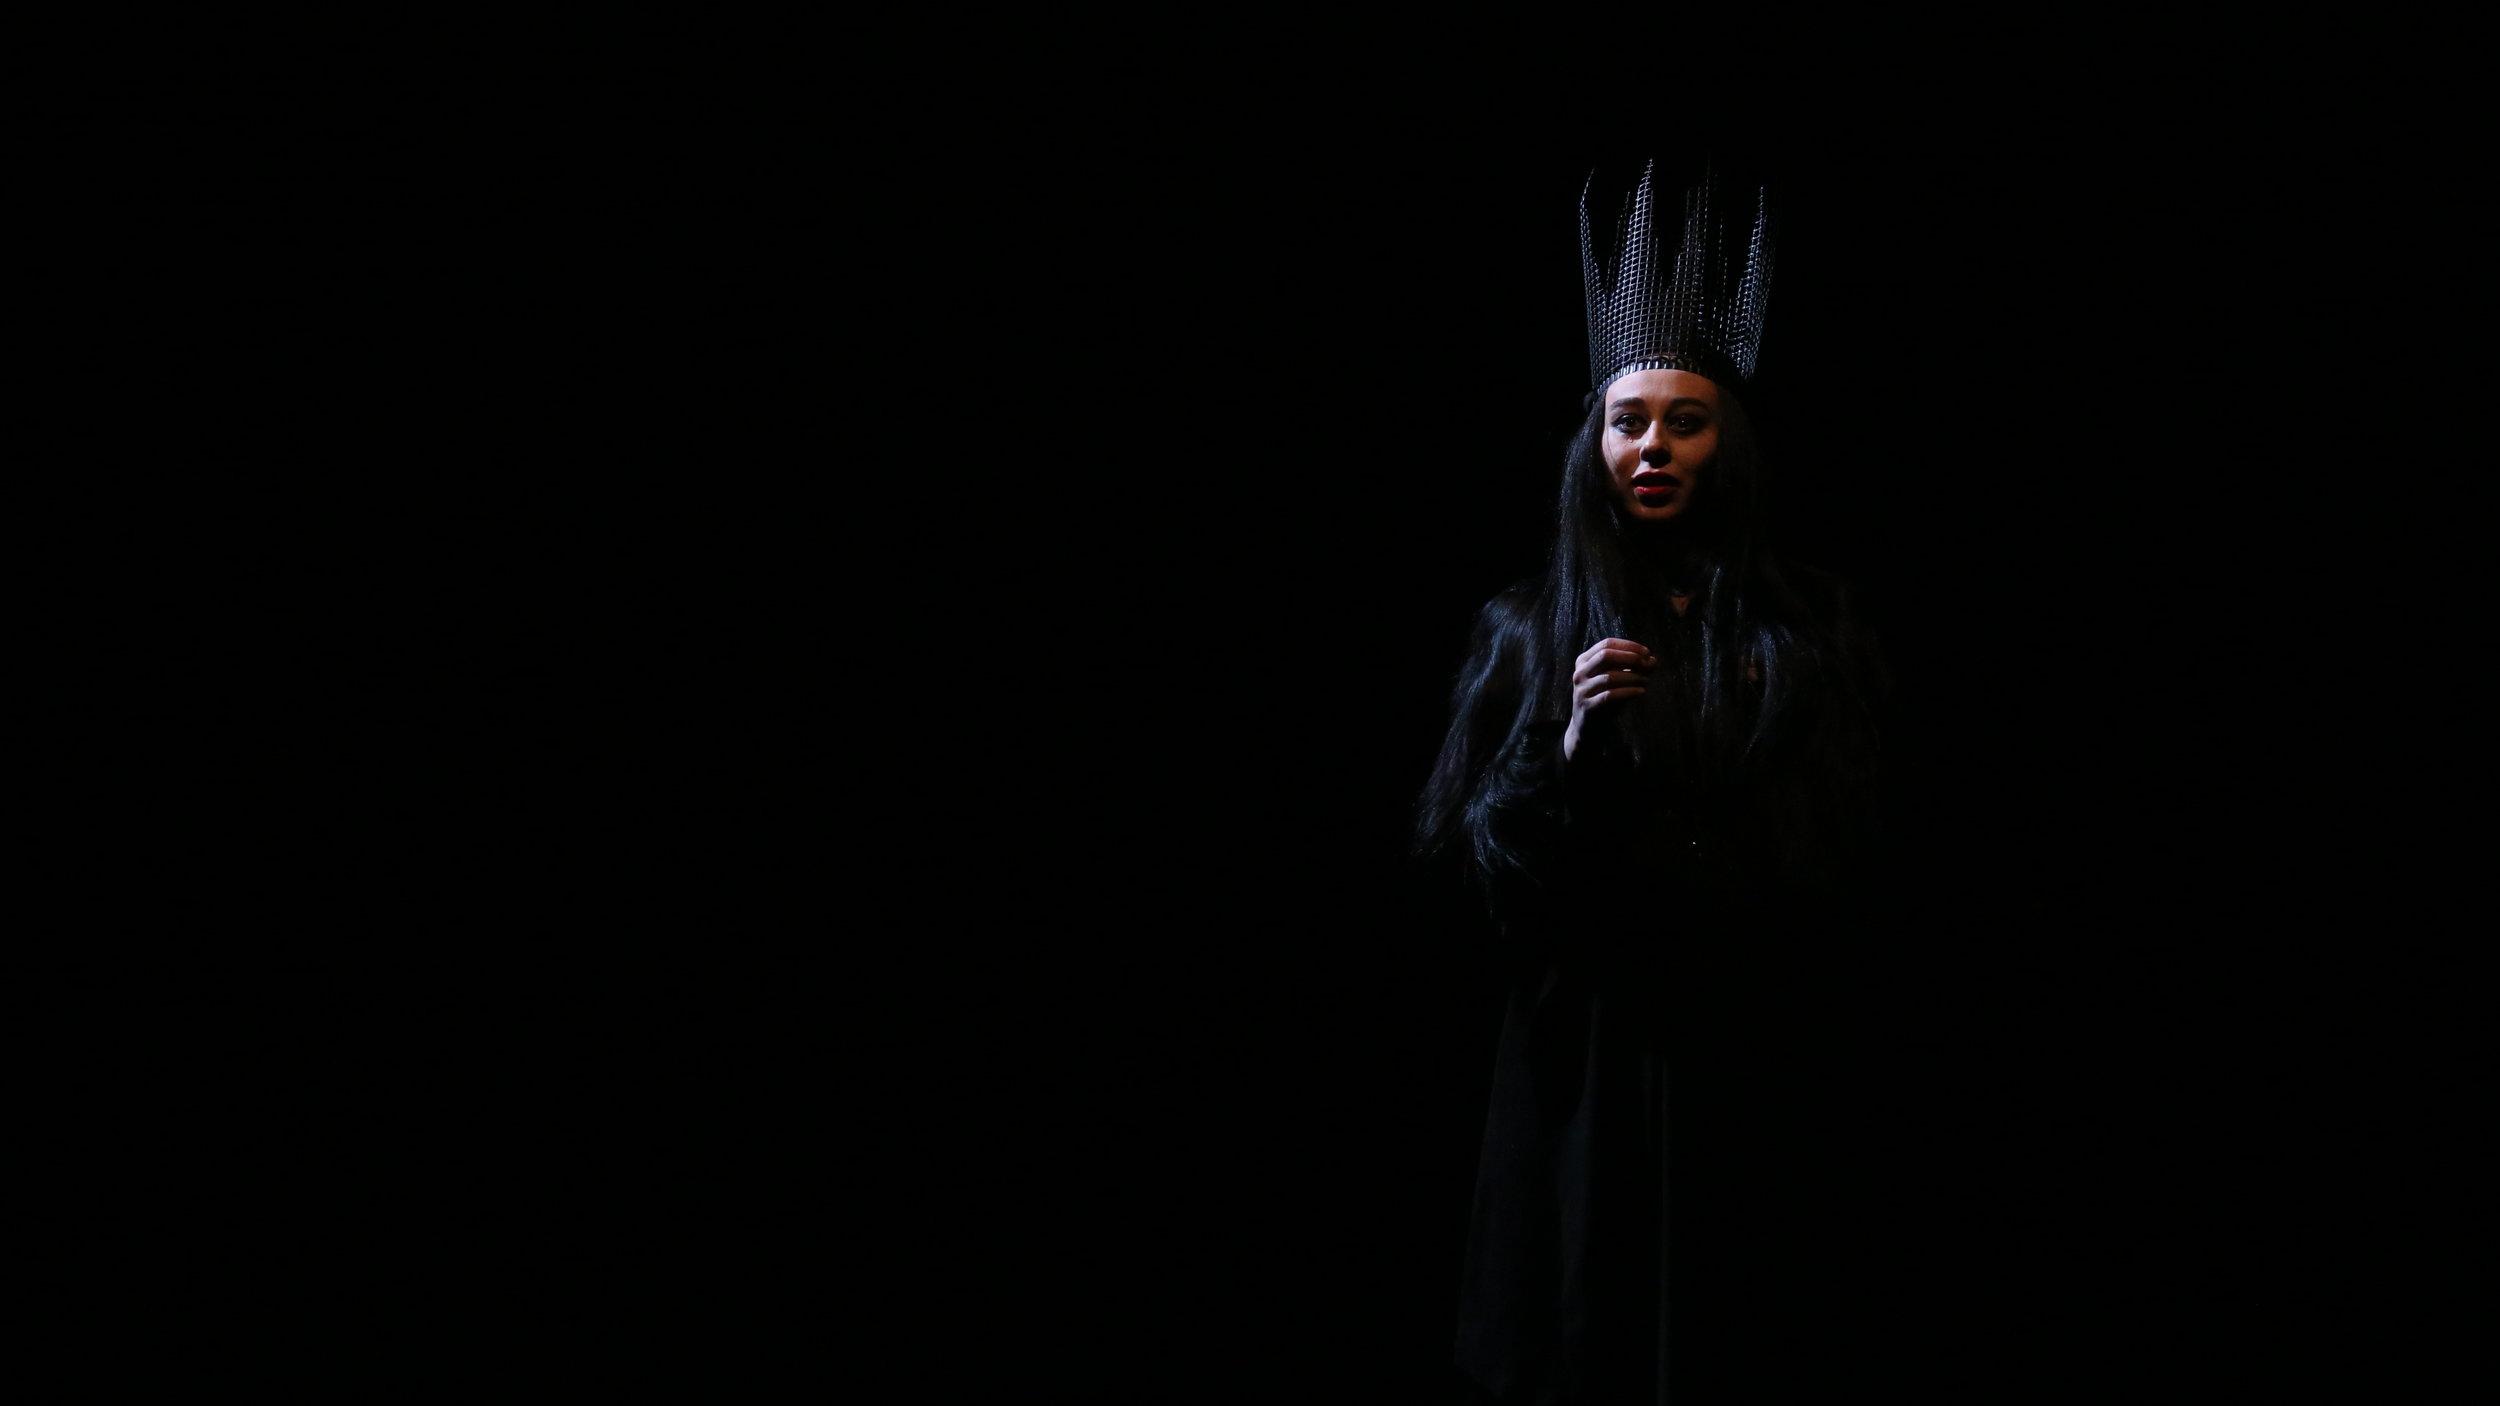 OUI-Noirs comme l'ébène 1 ©Pseudonymo 1.JPG